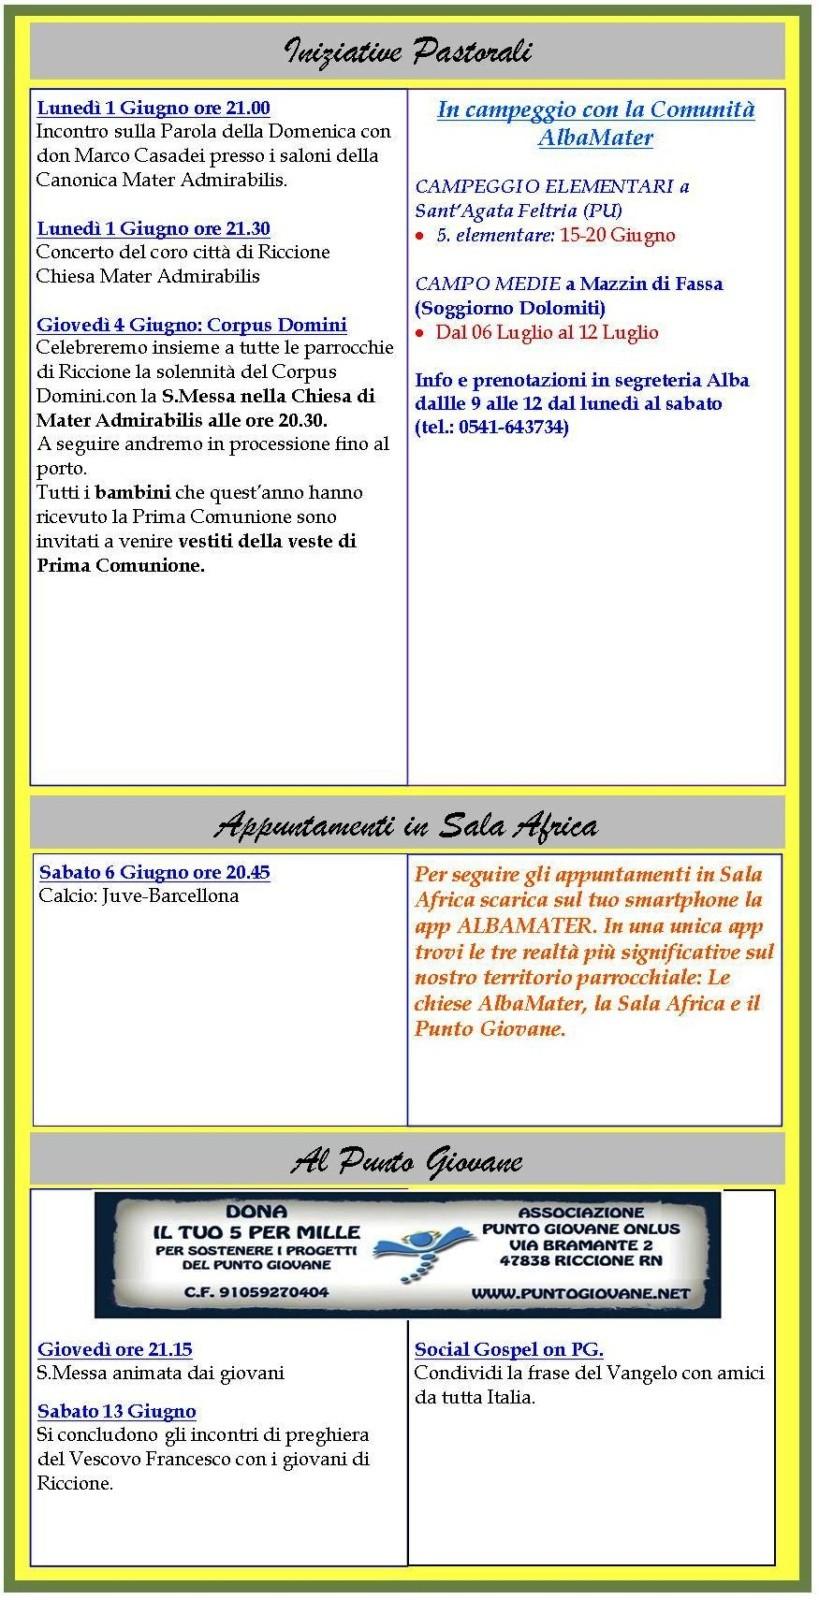 Newsletter 29-05-2015